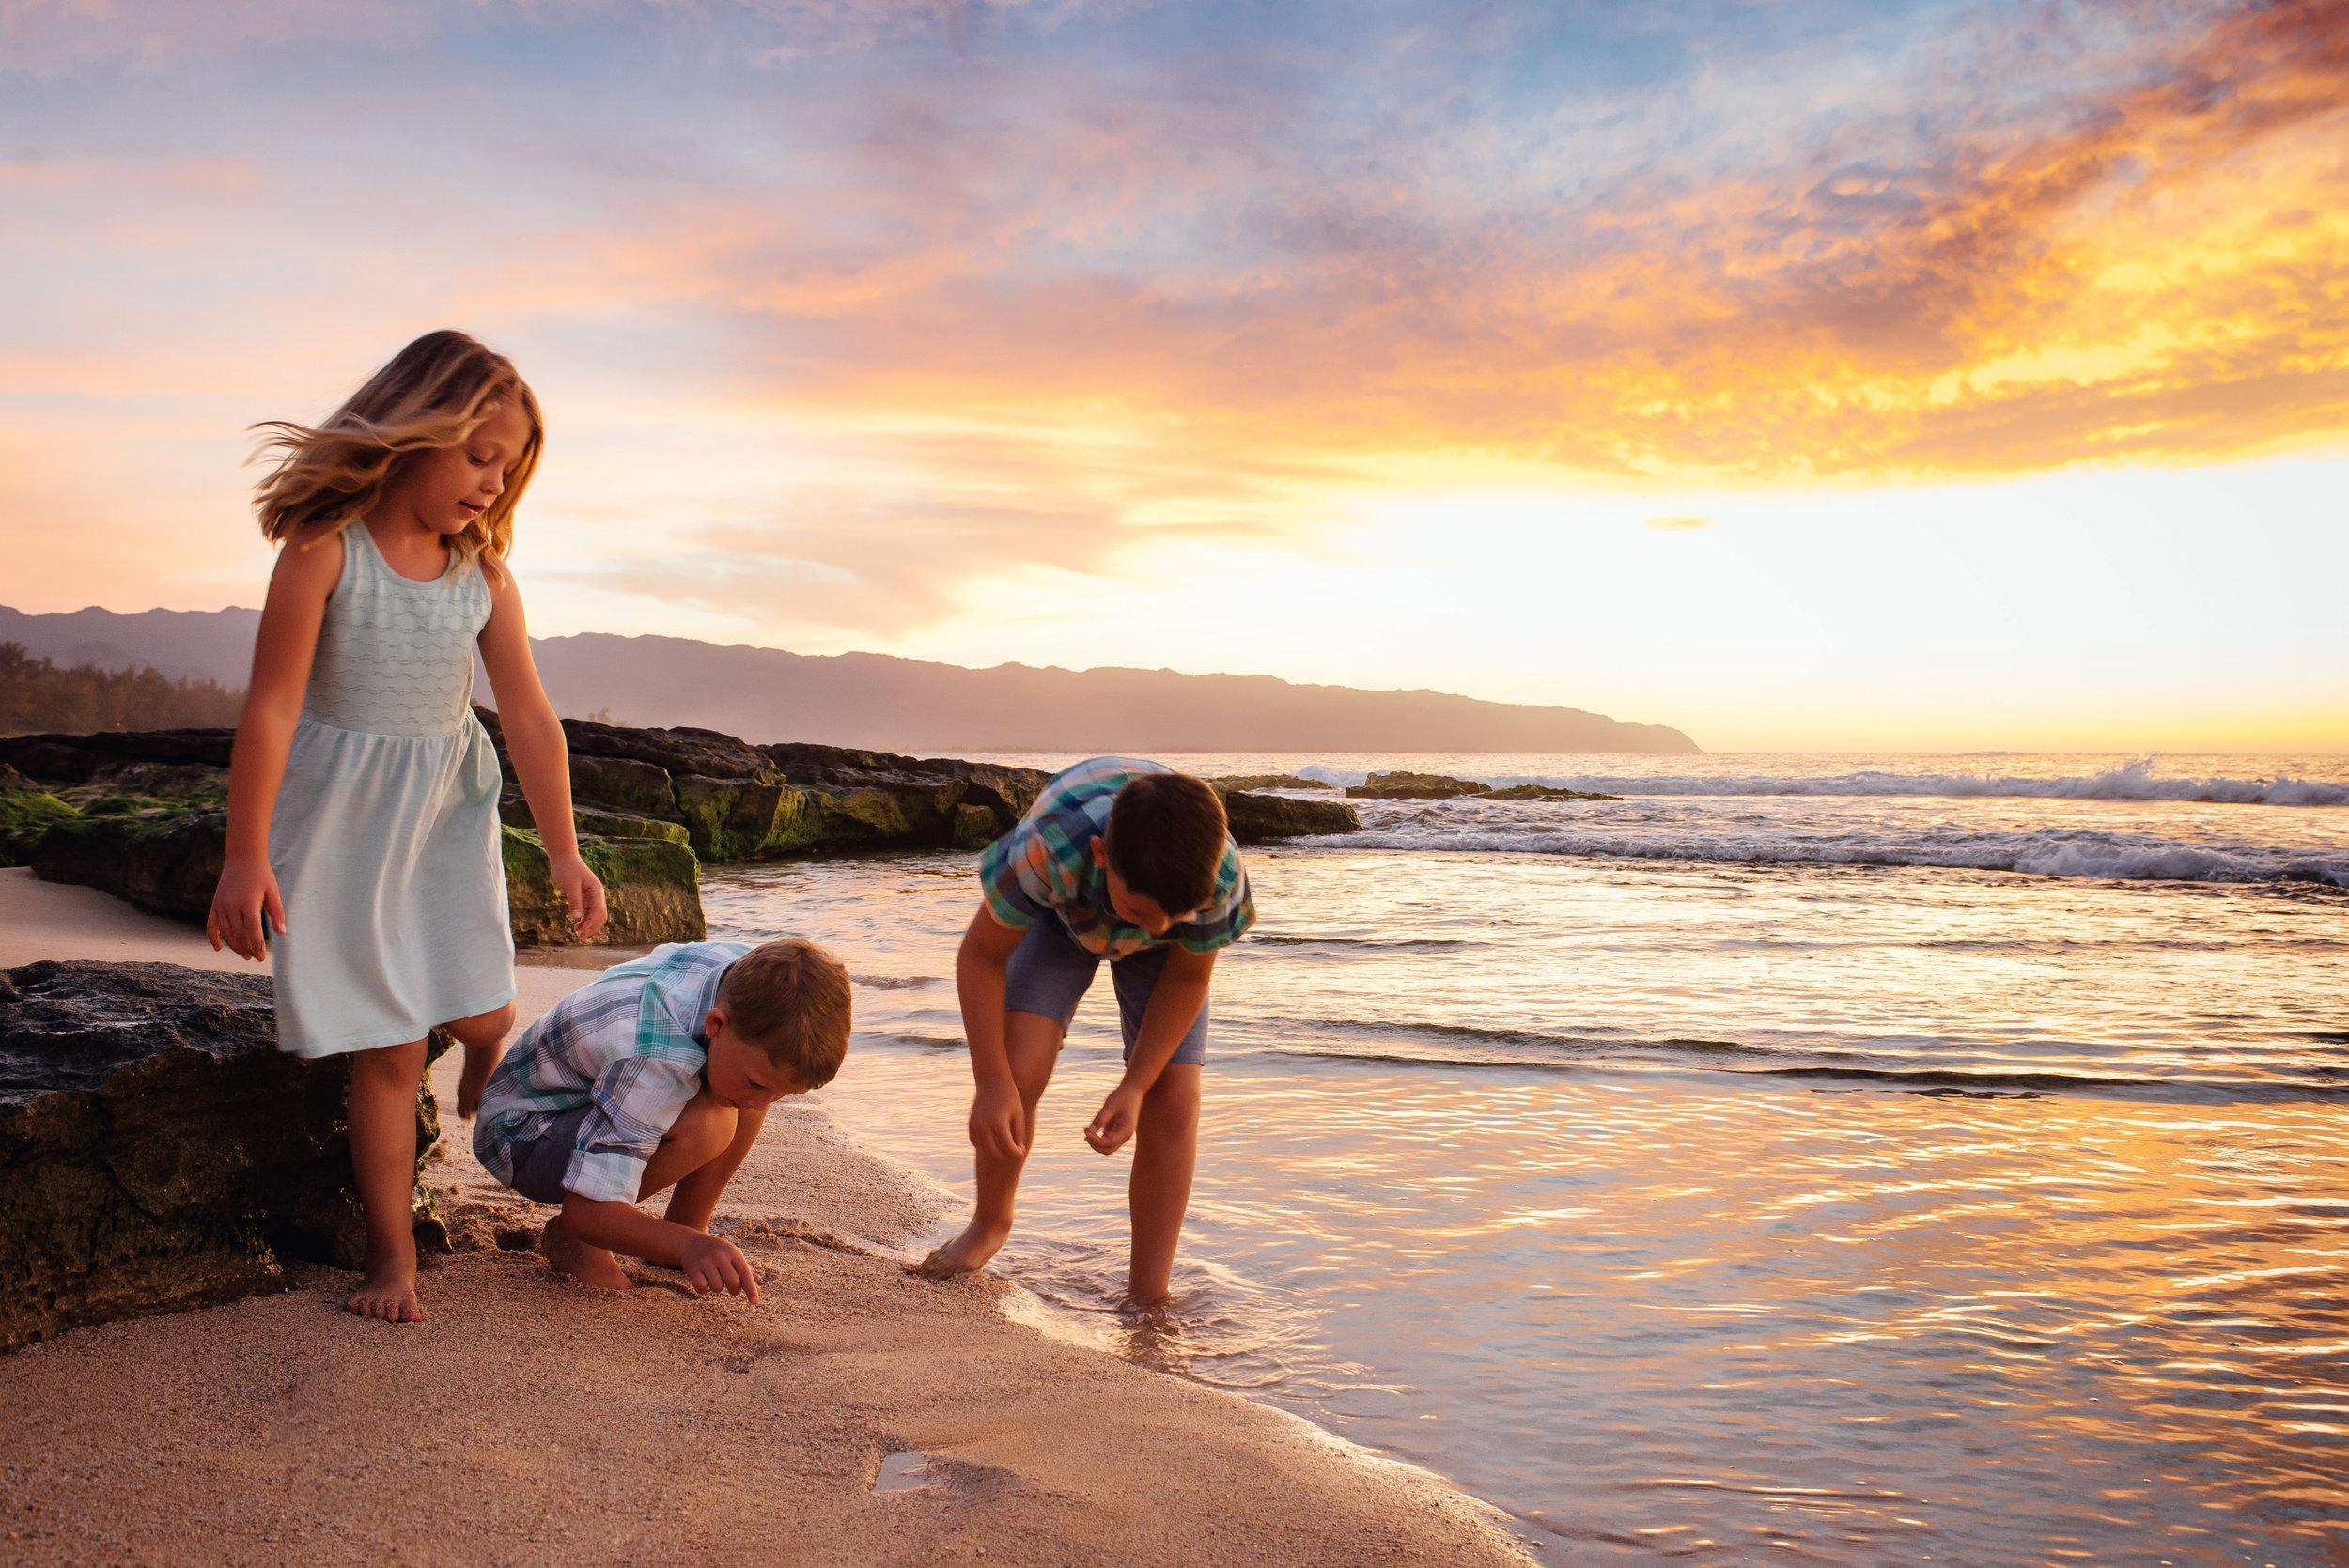 terry-hawaii-2017-9212.jpg